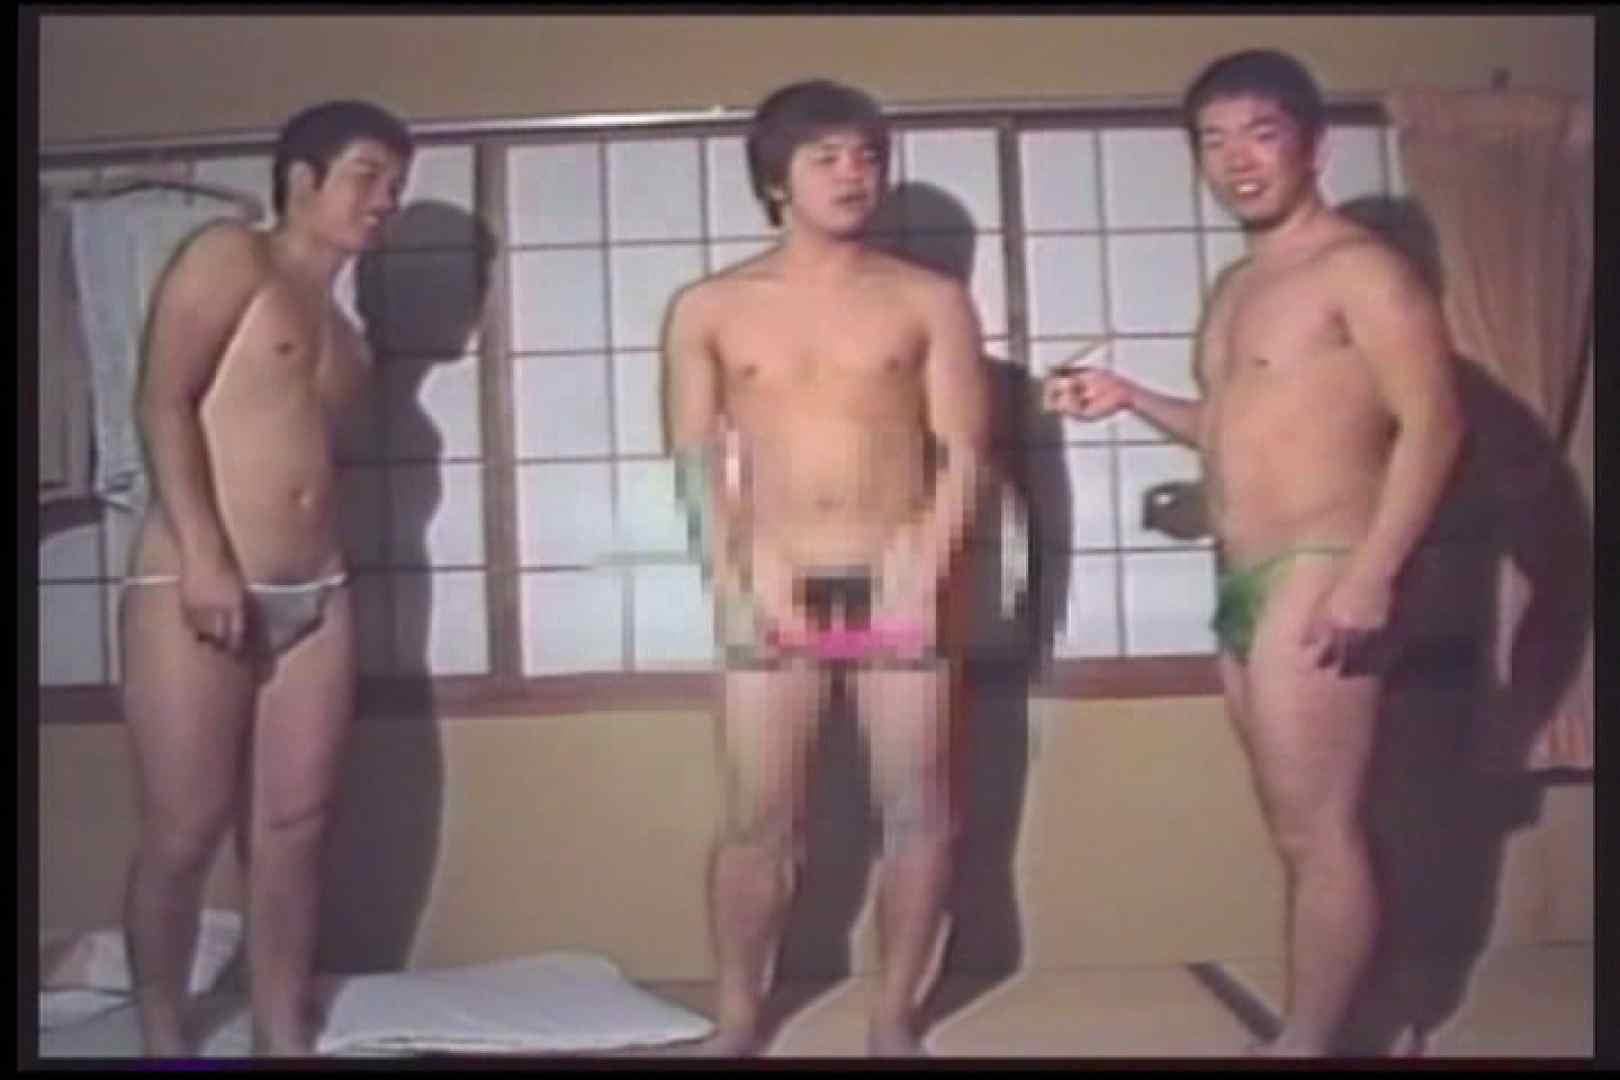 若人は元気!新歓合宿にておふざけ特集VOL.03 男に首ったけ ちんぽ画像 87連発 24